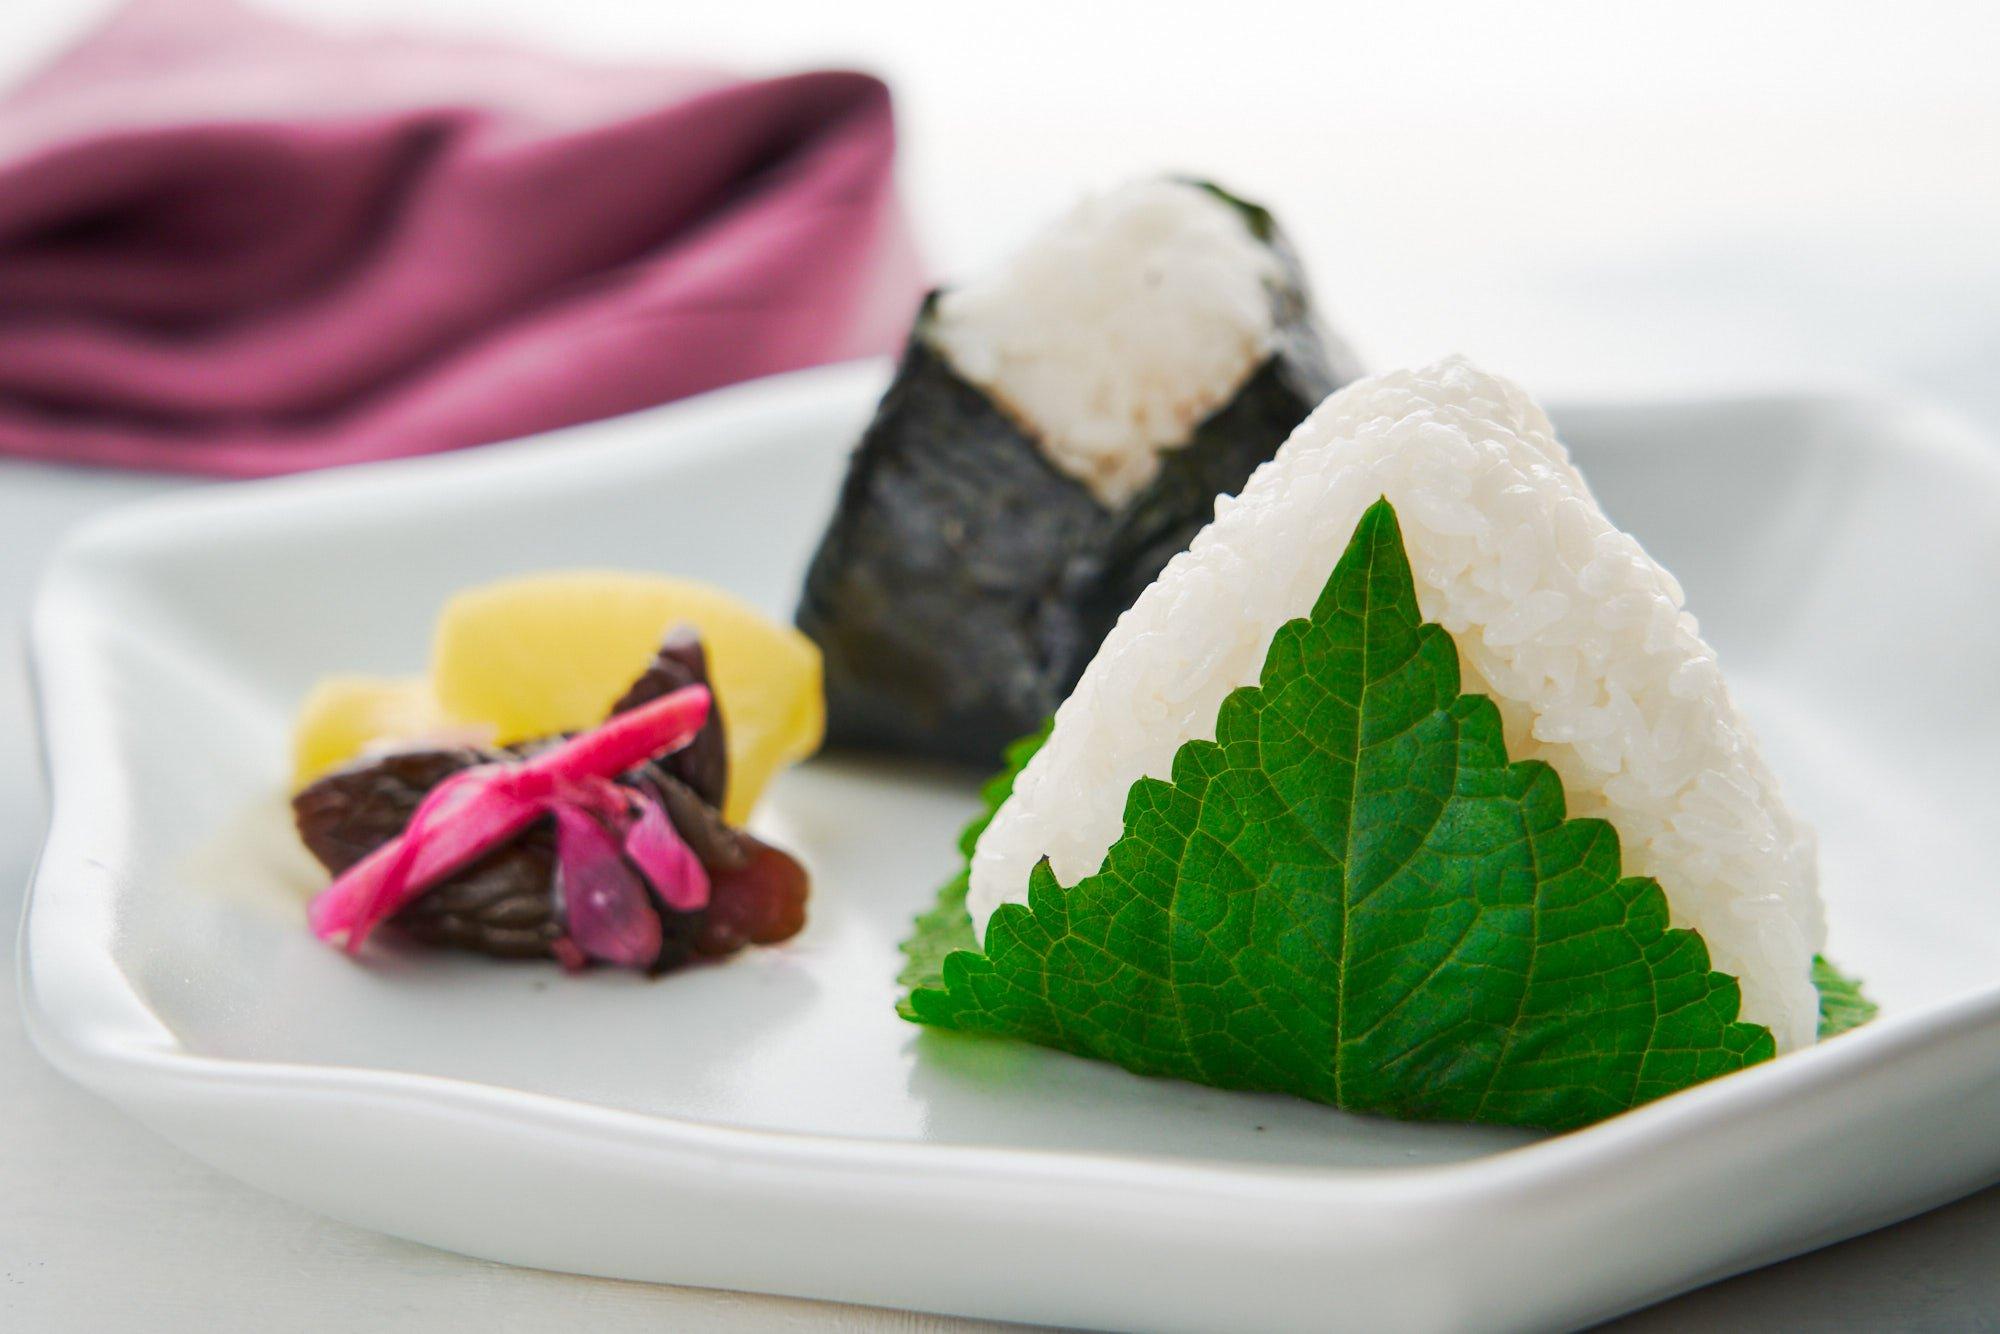 Tuna Mayo Onigiri Rice Ball Recipe ツナマヨおにぎり